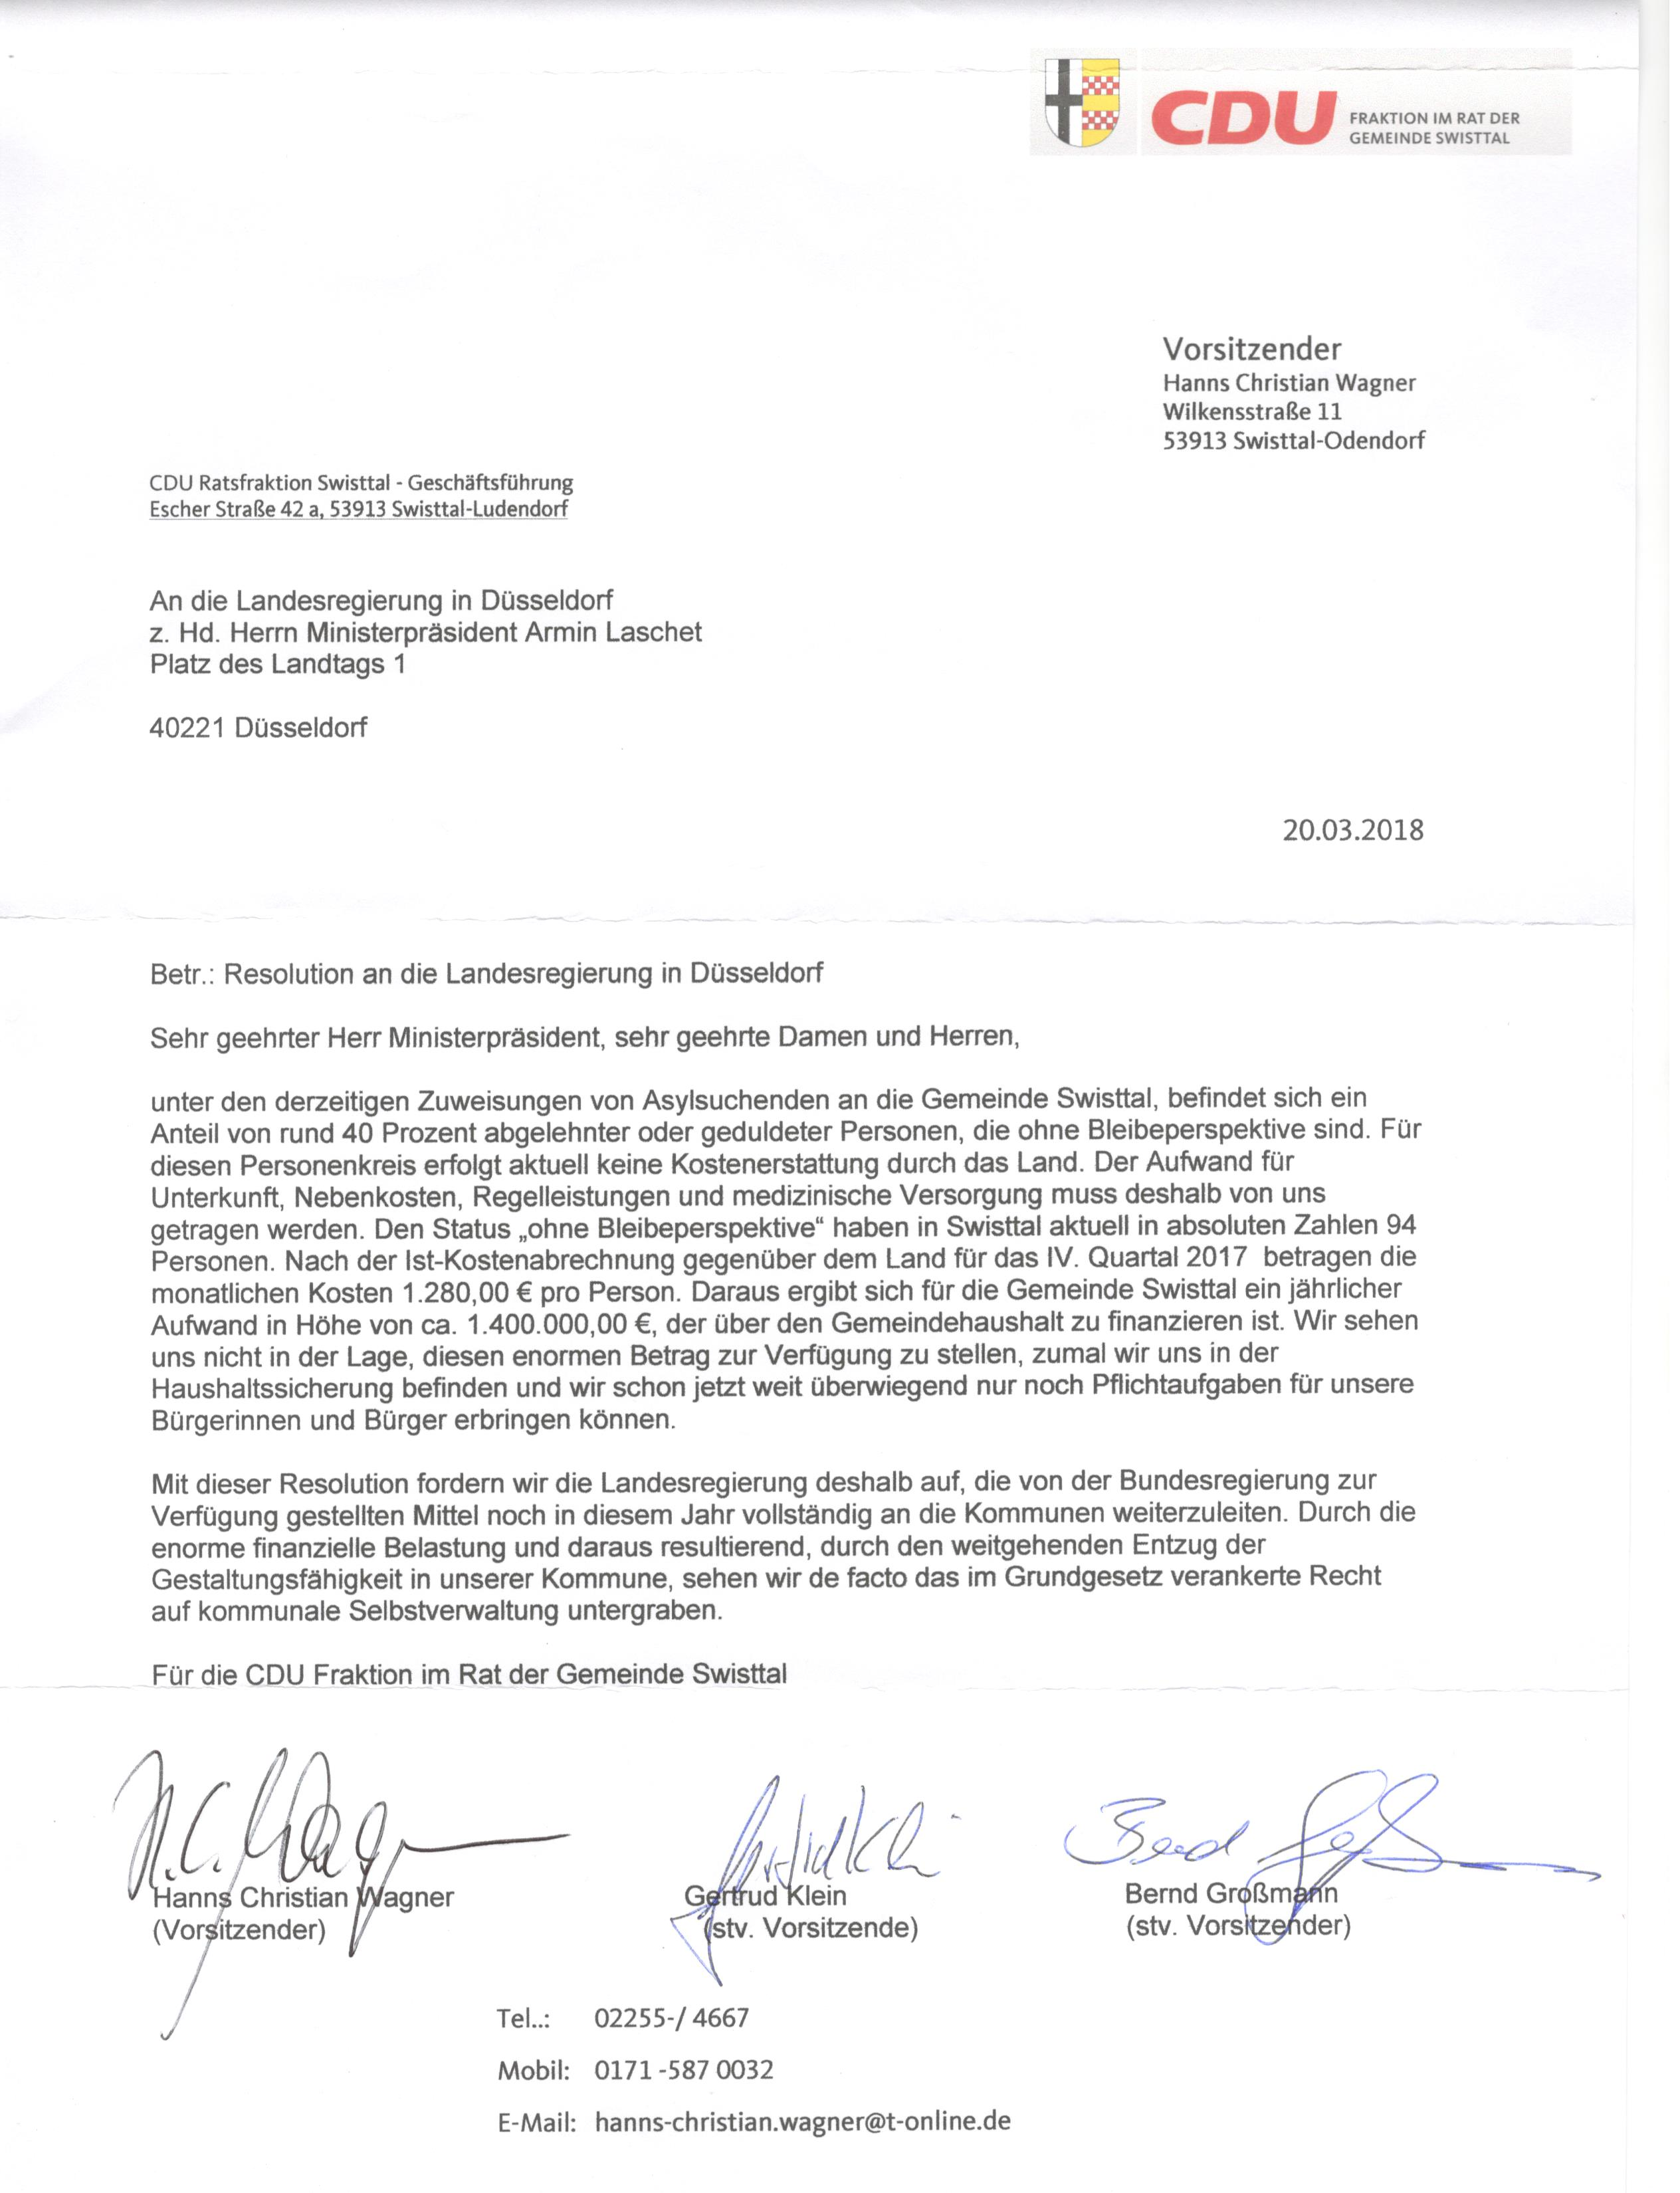 Resolution an die Landesregierung in Düsseldorf